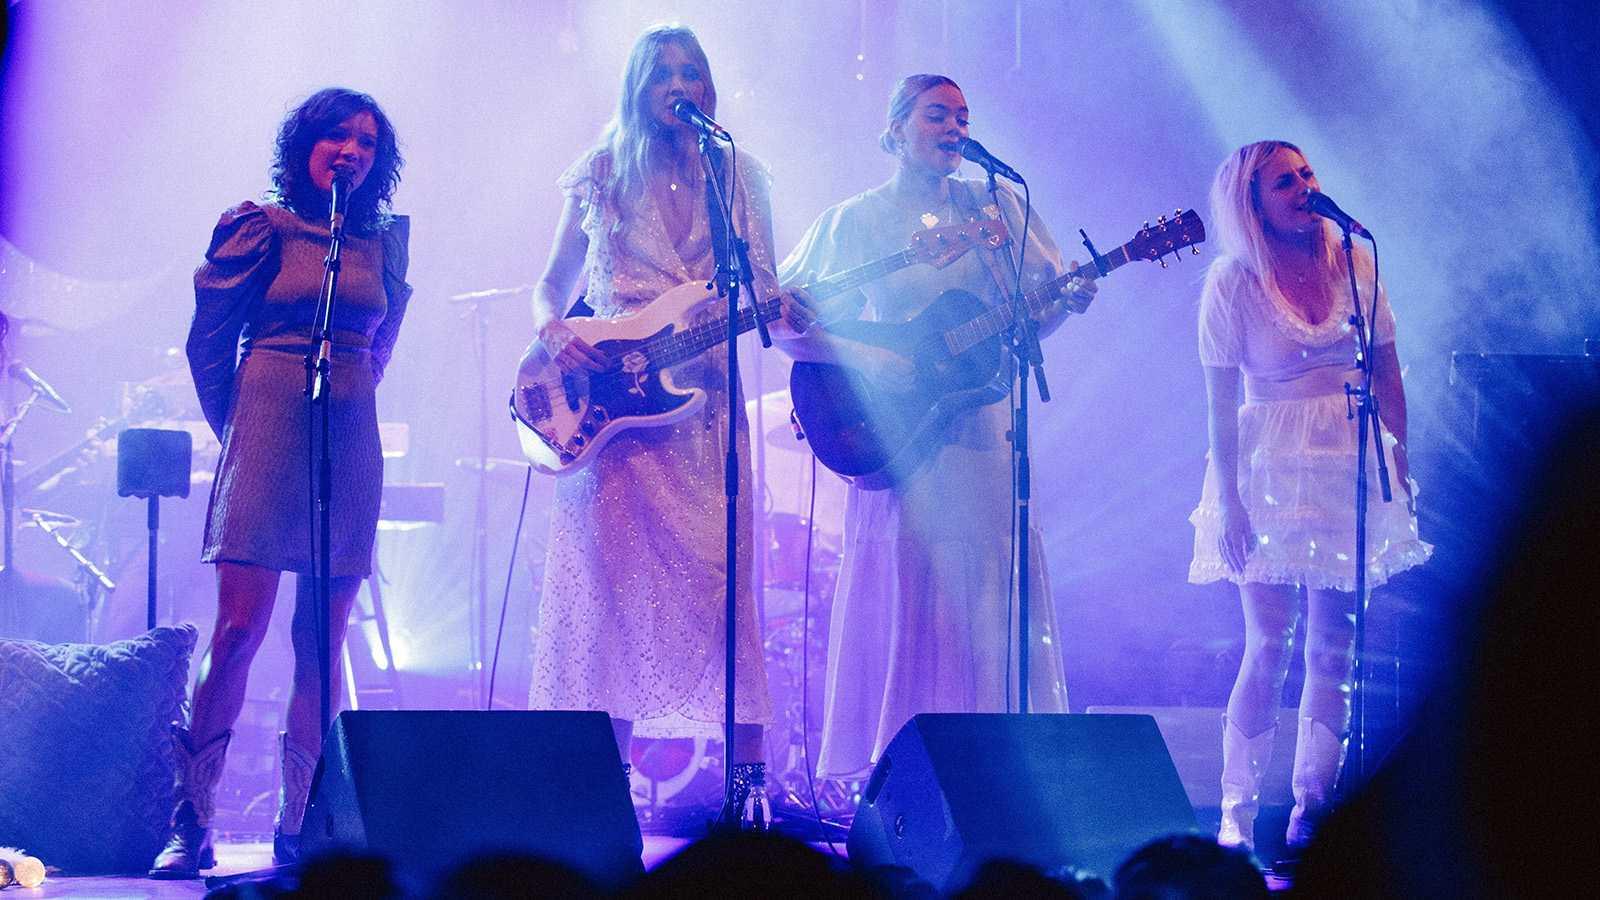 """Julkonserten """"Winter is blue"""" med Amanda Bergman, First Aid Kit och Maja Francis på Södra teatern i Stockholm är gnistrande vacker."""